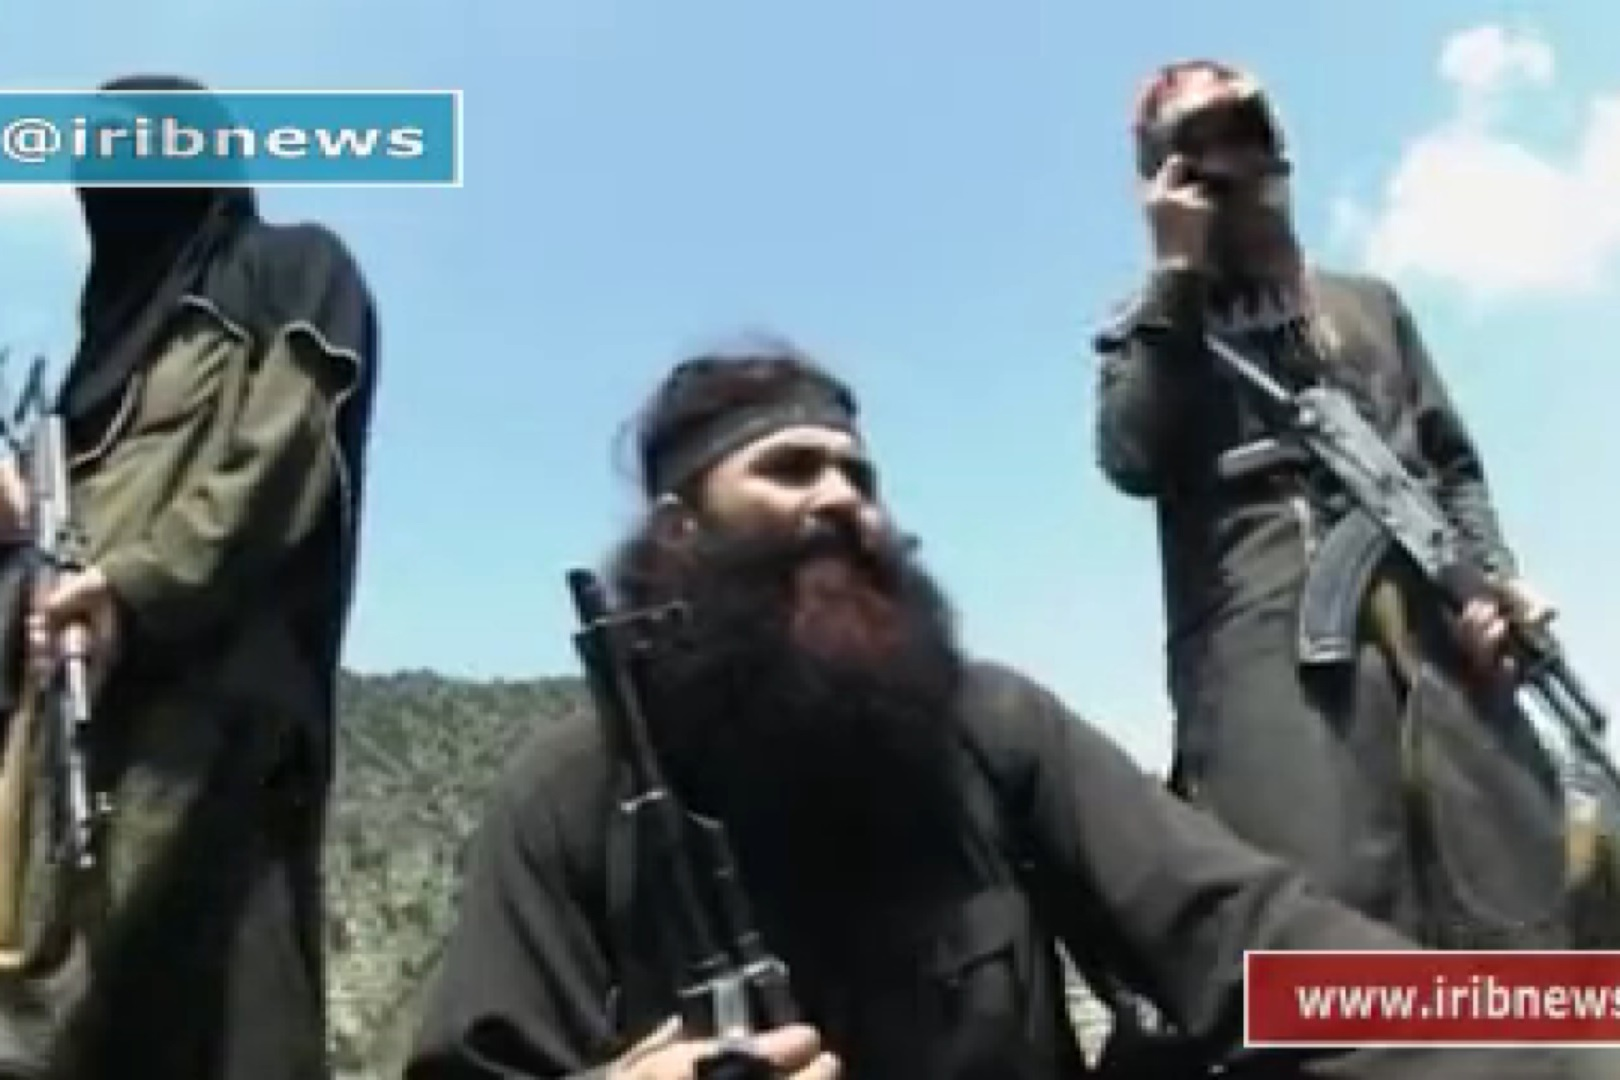 فیلم | داعش؛ ثروتمندترین گروه تروریستی جهان